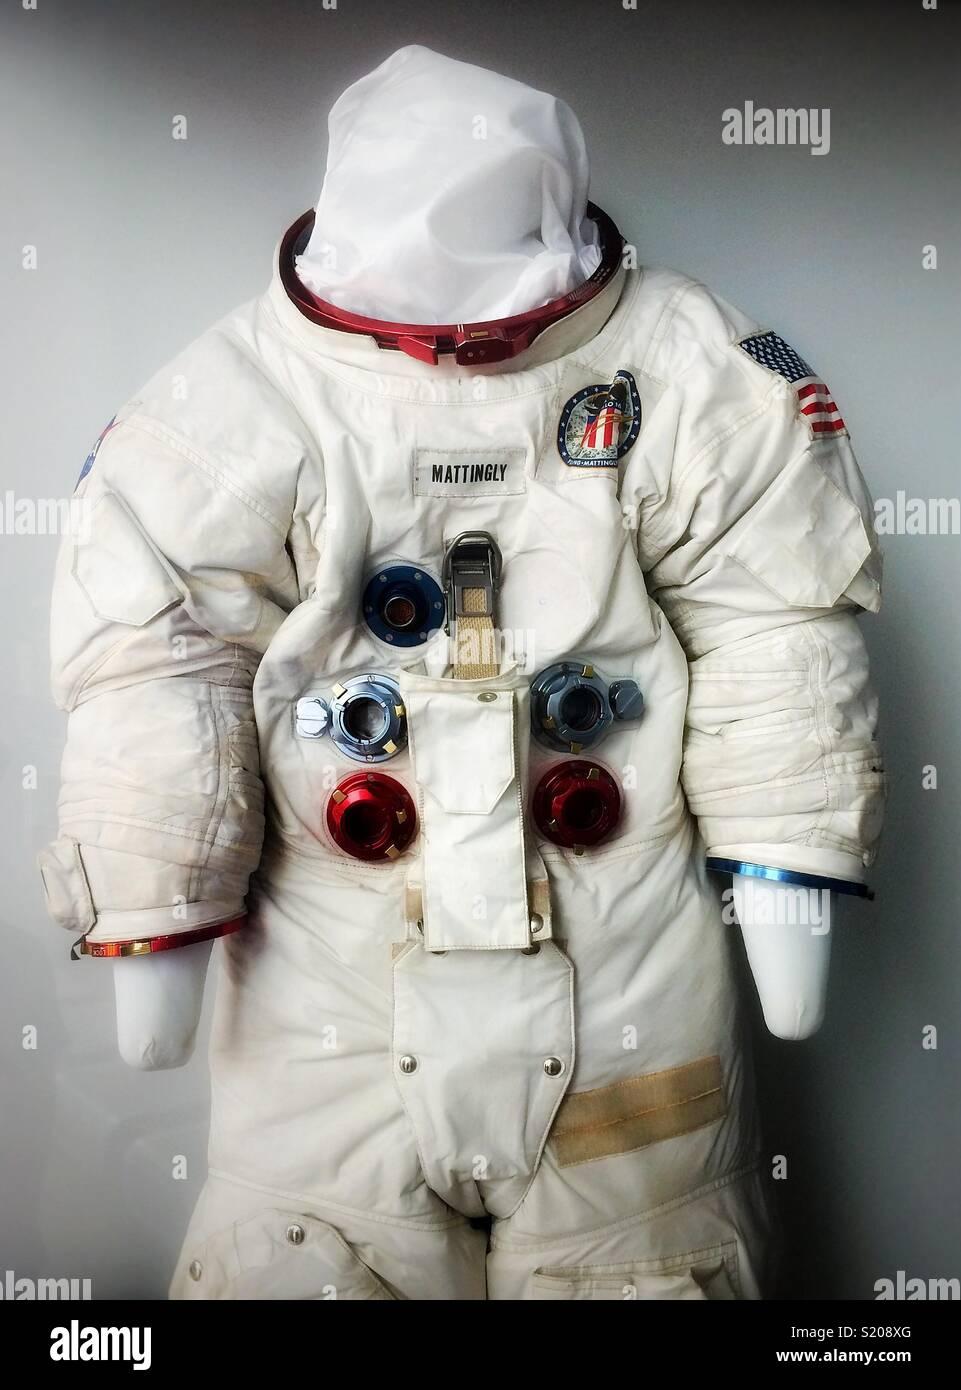 Astronauta Ken Mattingly 's spacesuit presso il Science Museum di Los Angeles, California, Stati Uniti d'America Immagini Stock